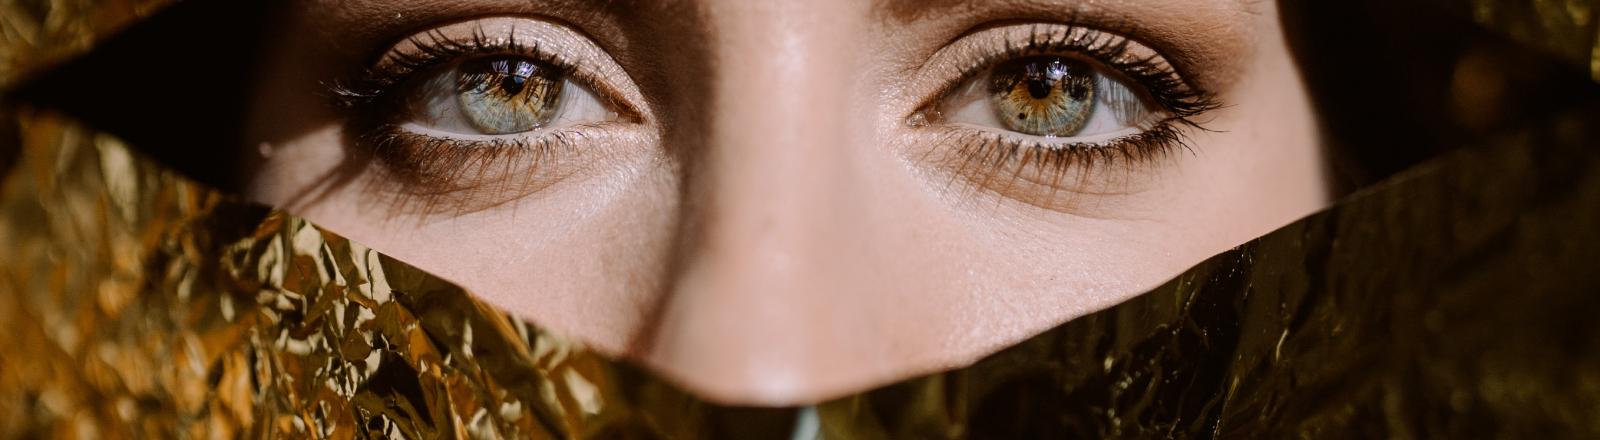 Zurück zum Glamour: Gesicht hinter Goldfolie